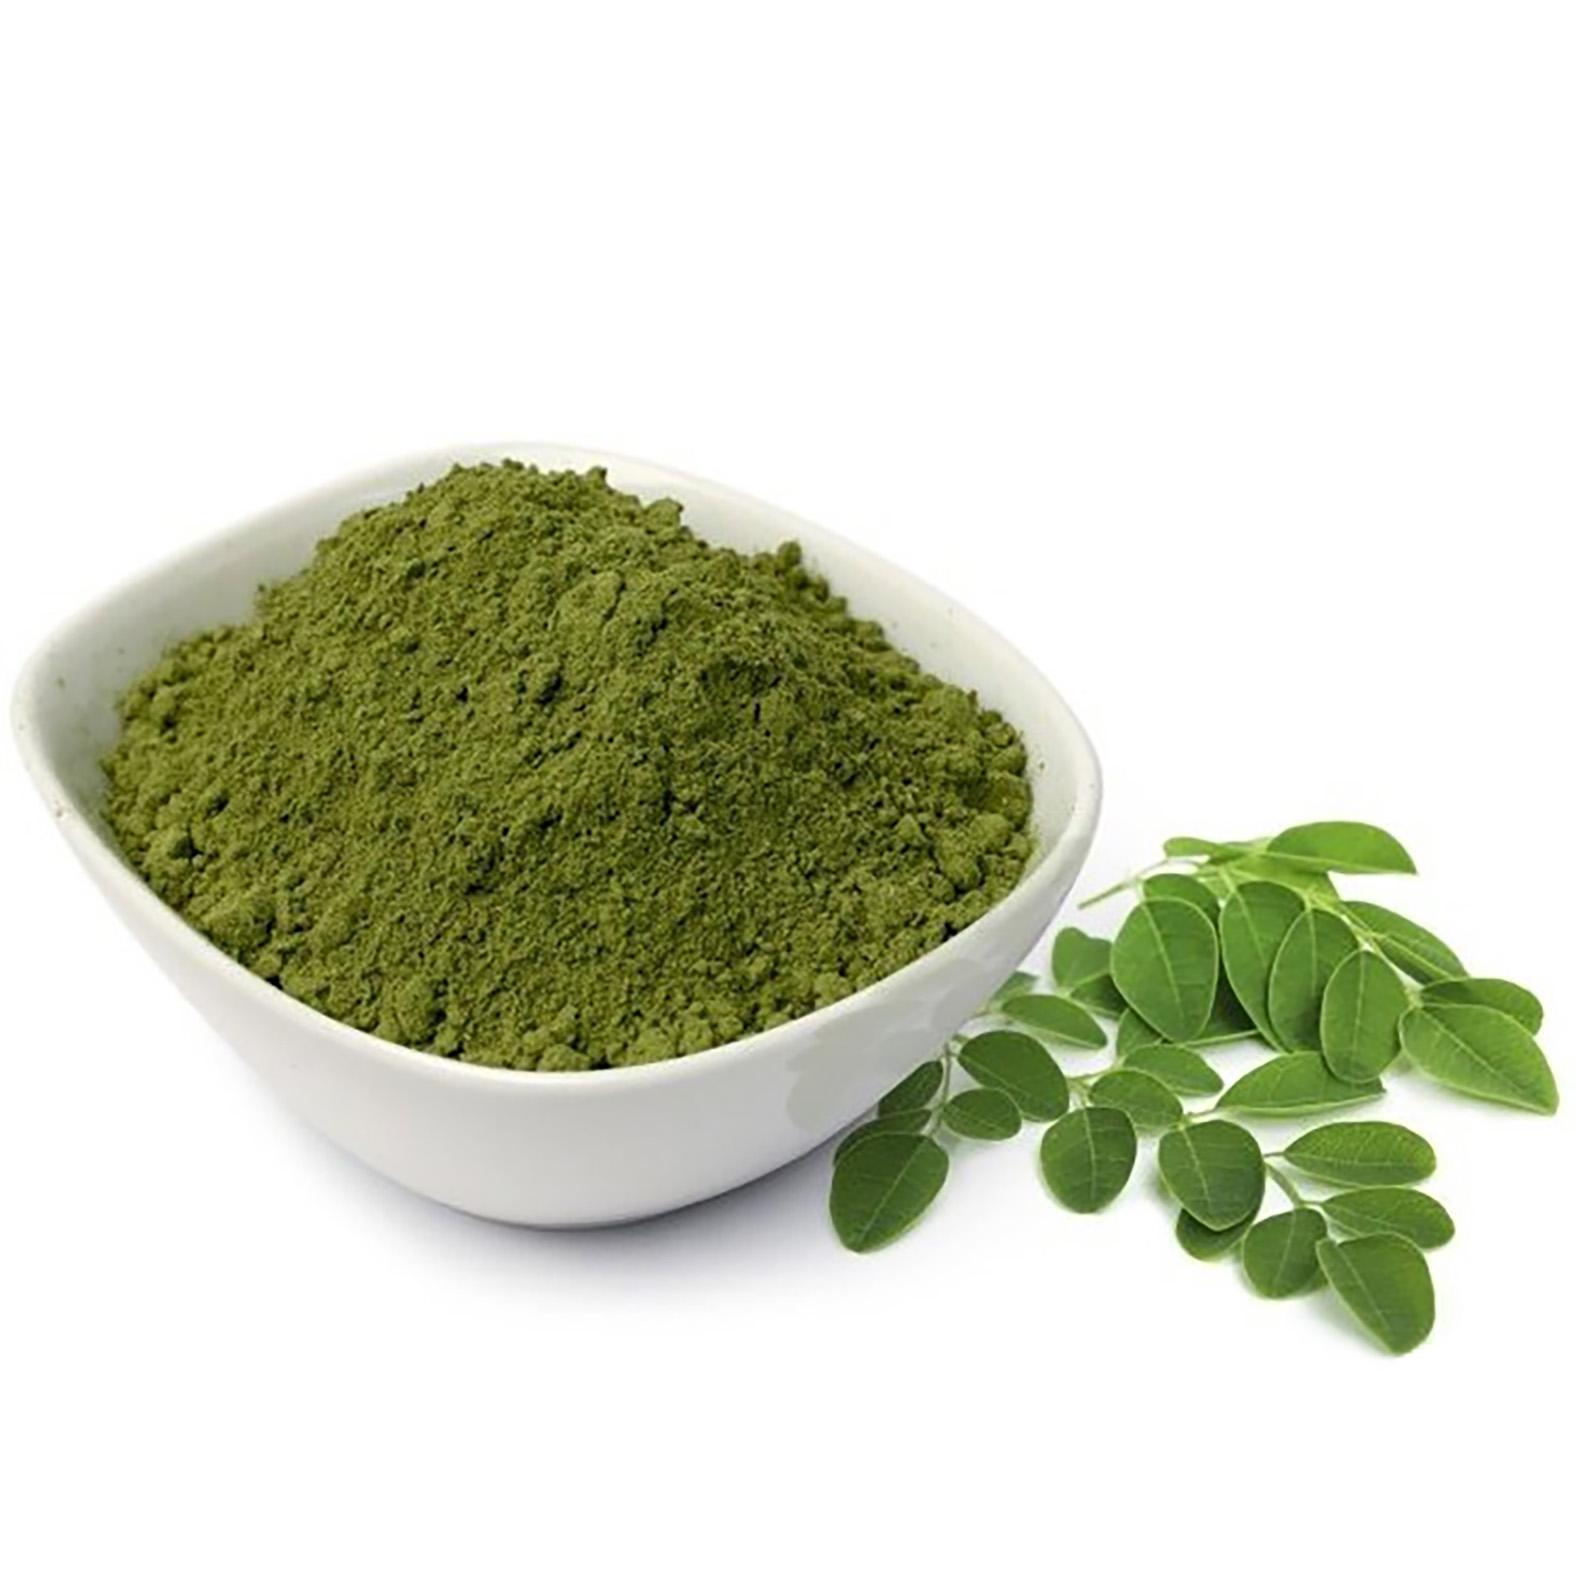 mocu-organic-moringa-powder-detail.jpg